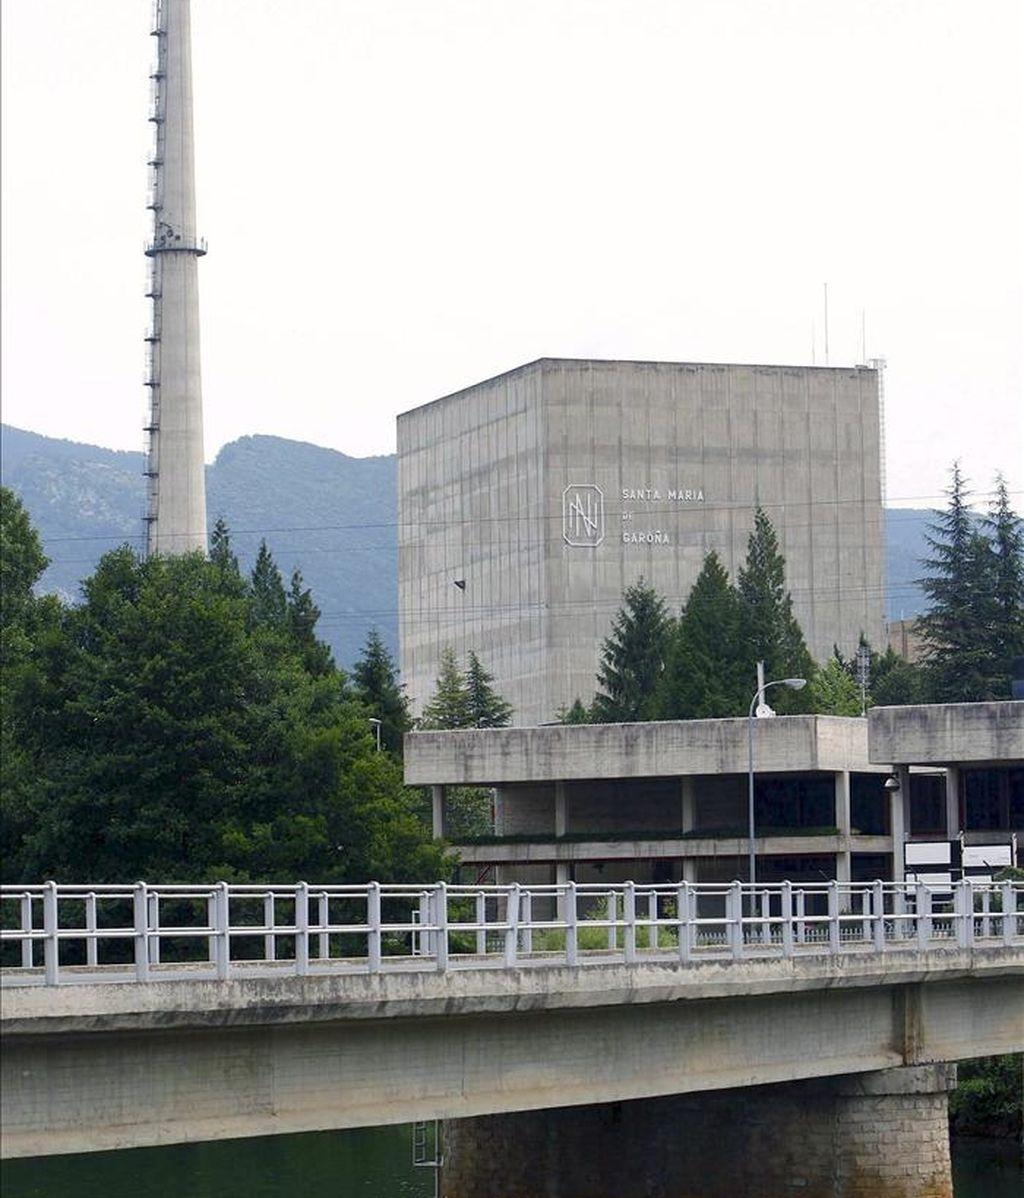 Fotografía de archivo del exterior de la central nuclar de Garoña, emplazada en Santa María de Garoña, Burgos.